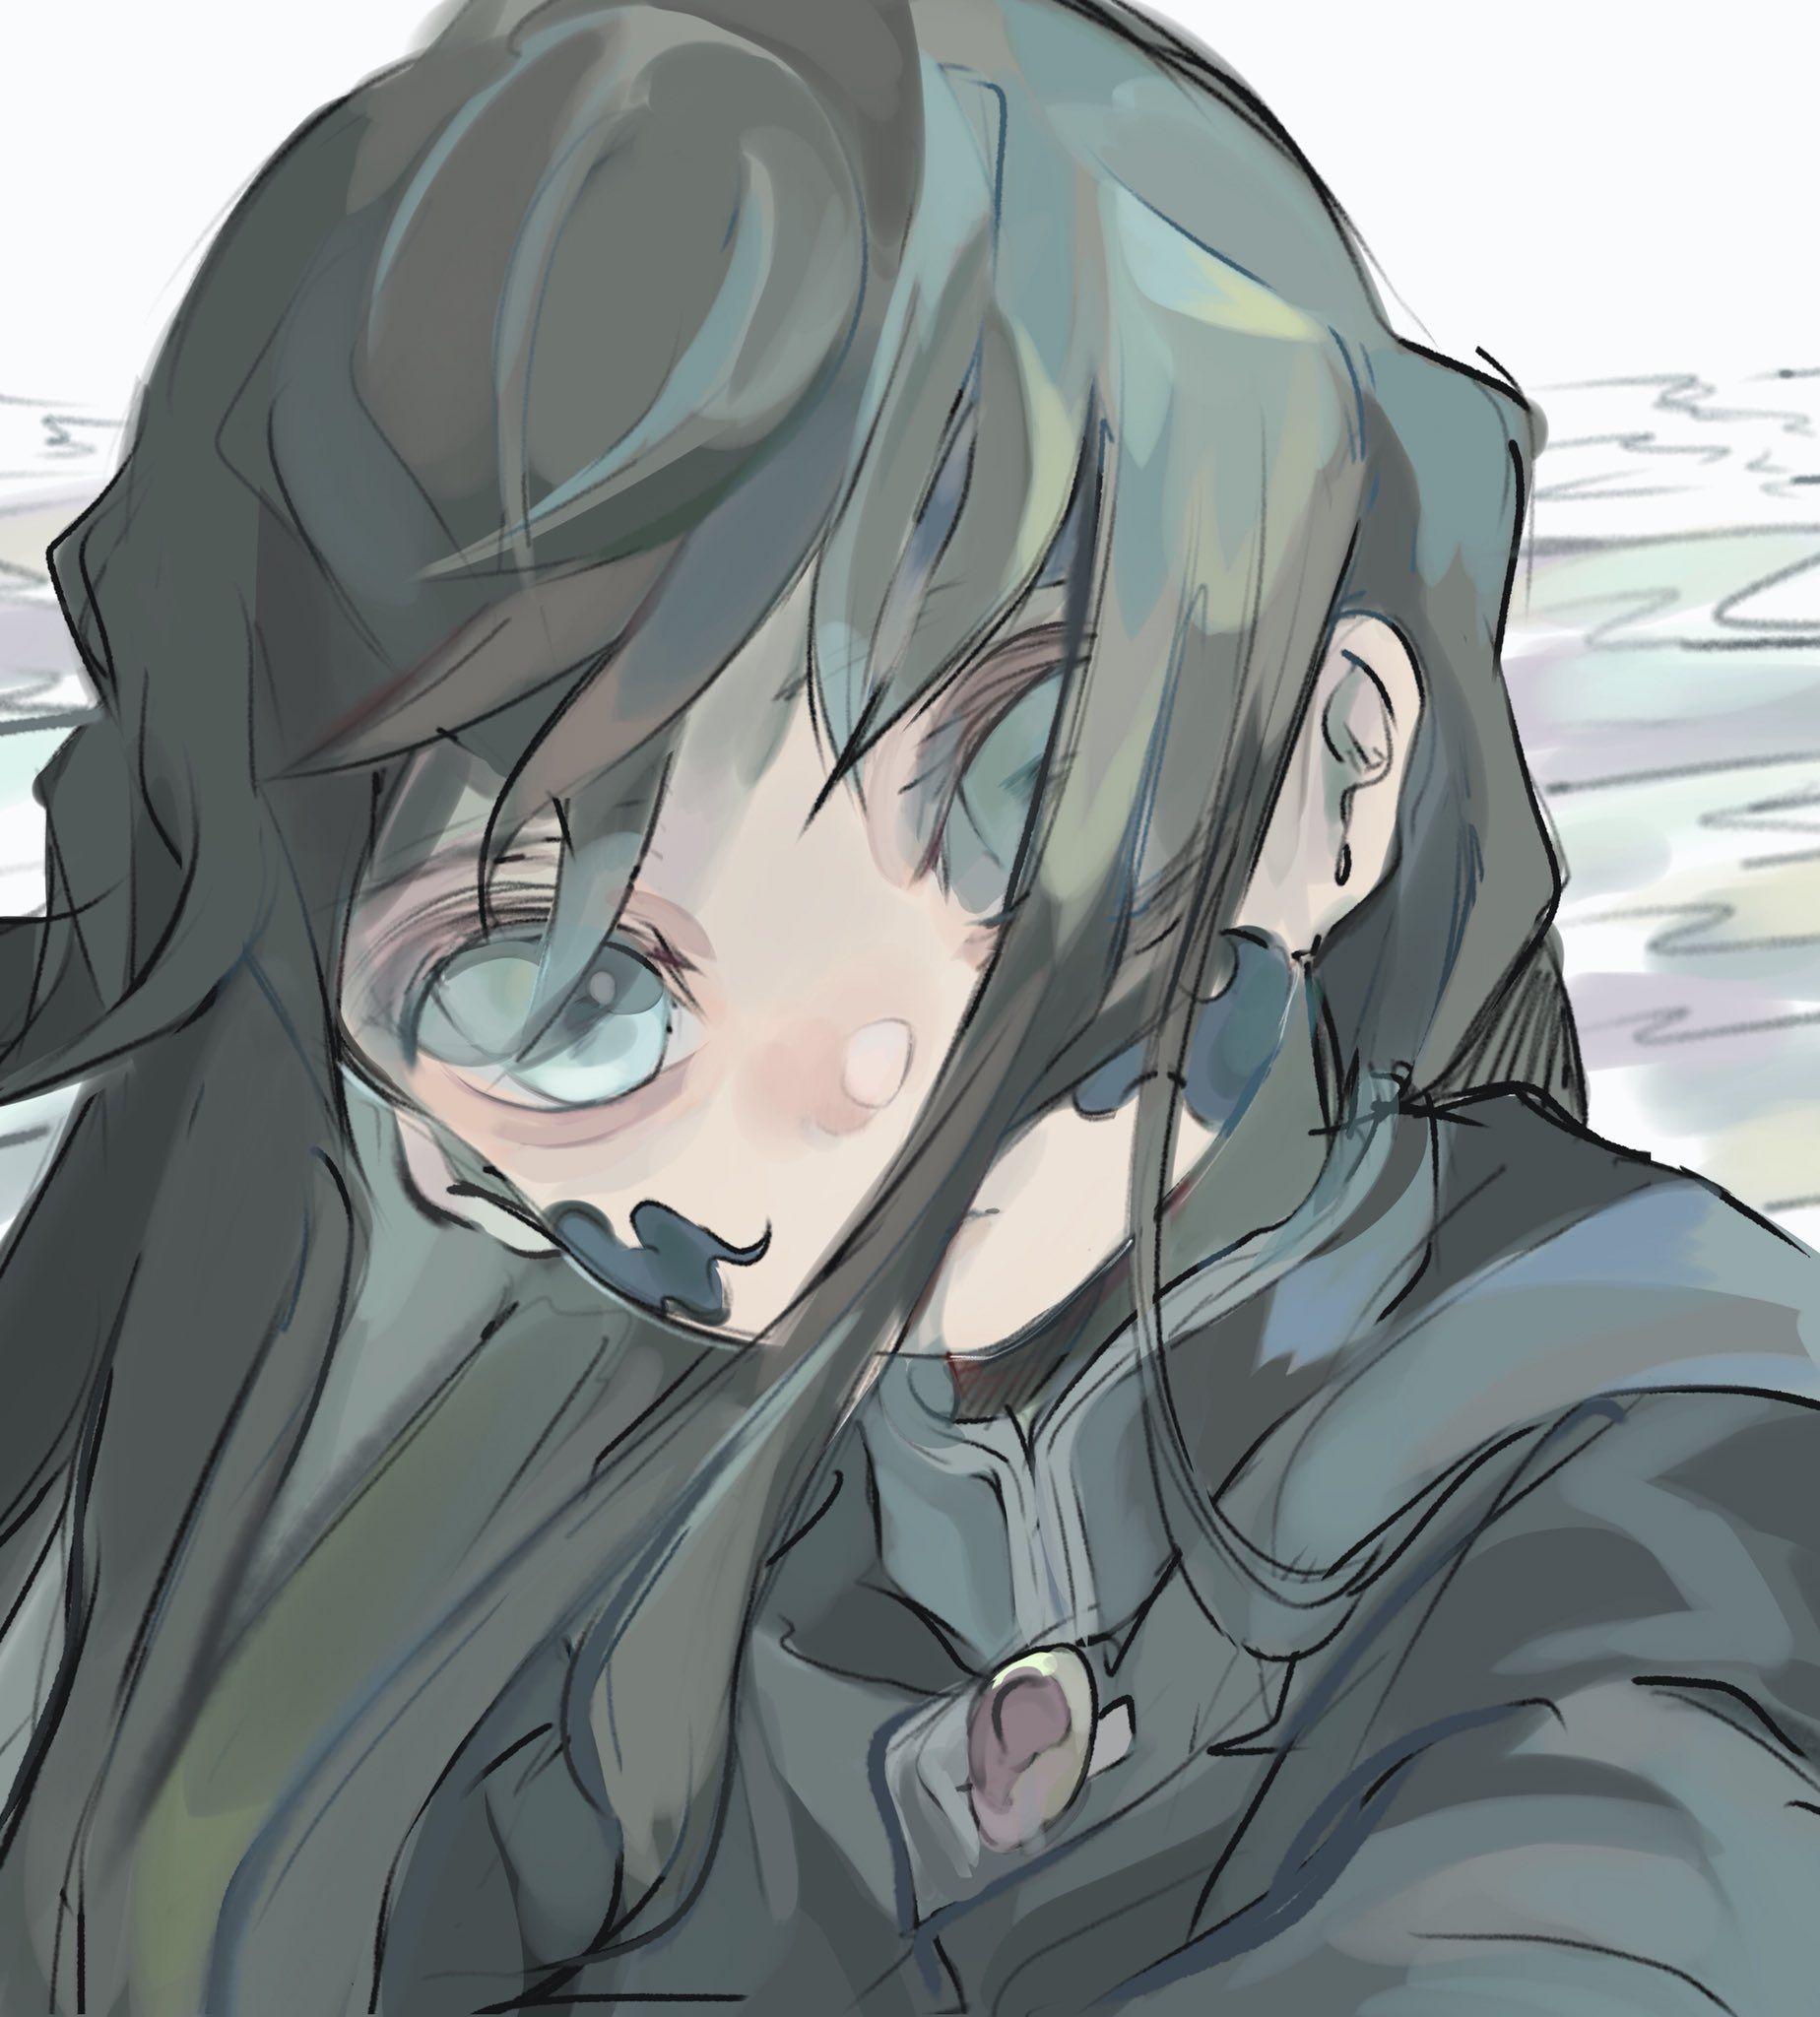 Ghim Của Rukasu Yunoi Tren Demon Slayer Kimetsu No Yaiba Anime Angel Manga Anime Anime